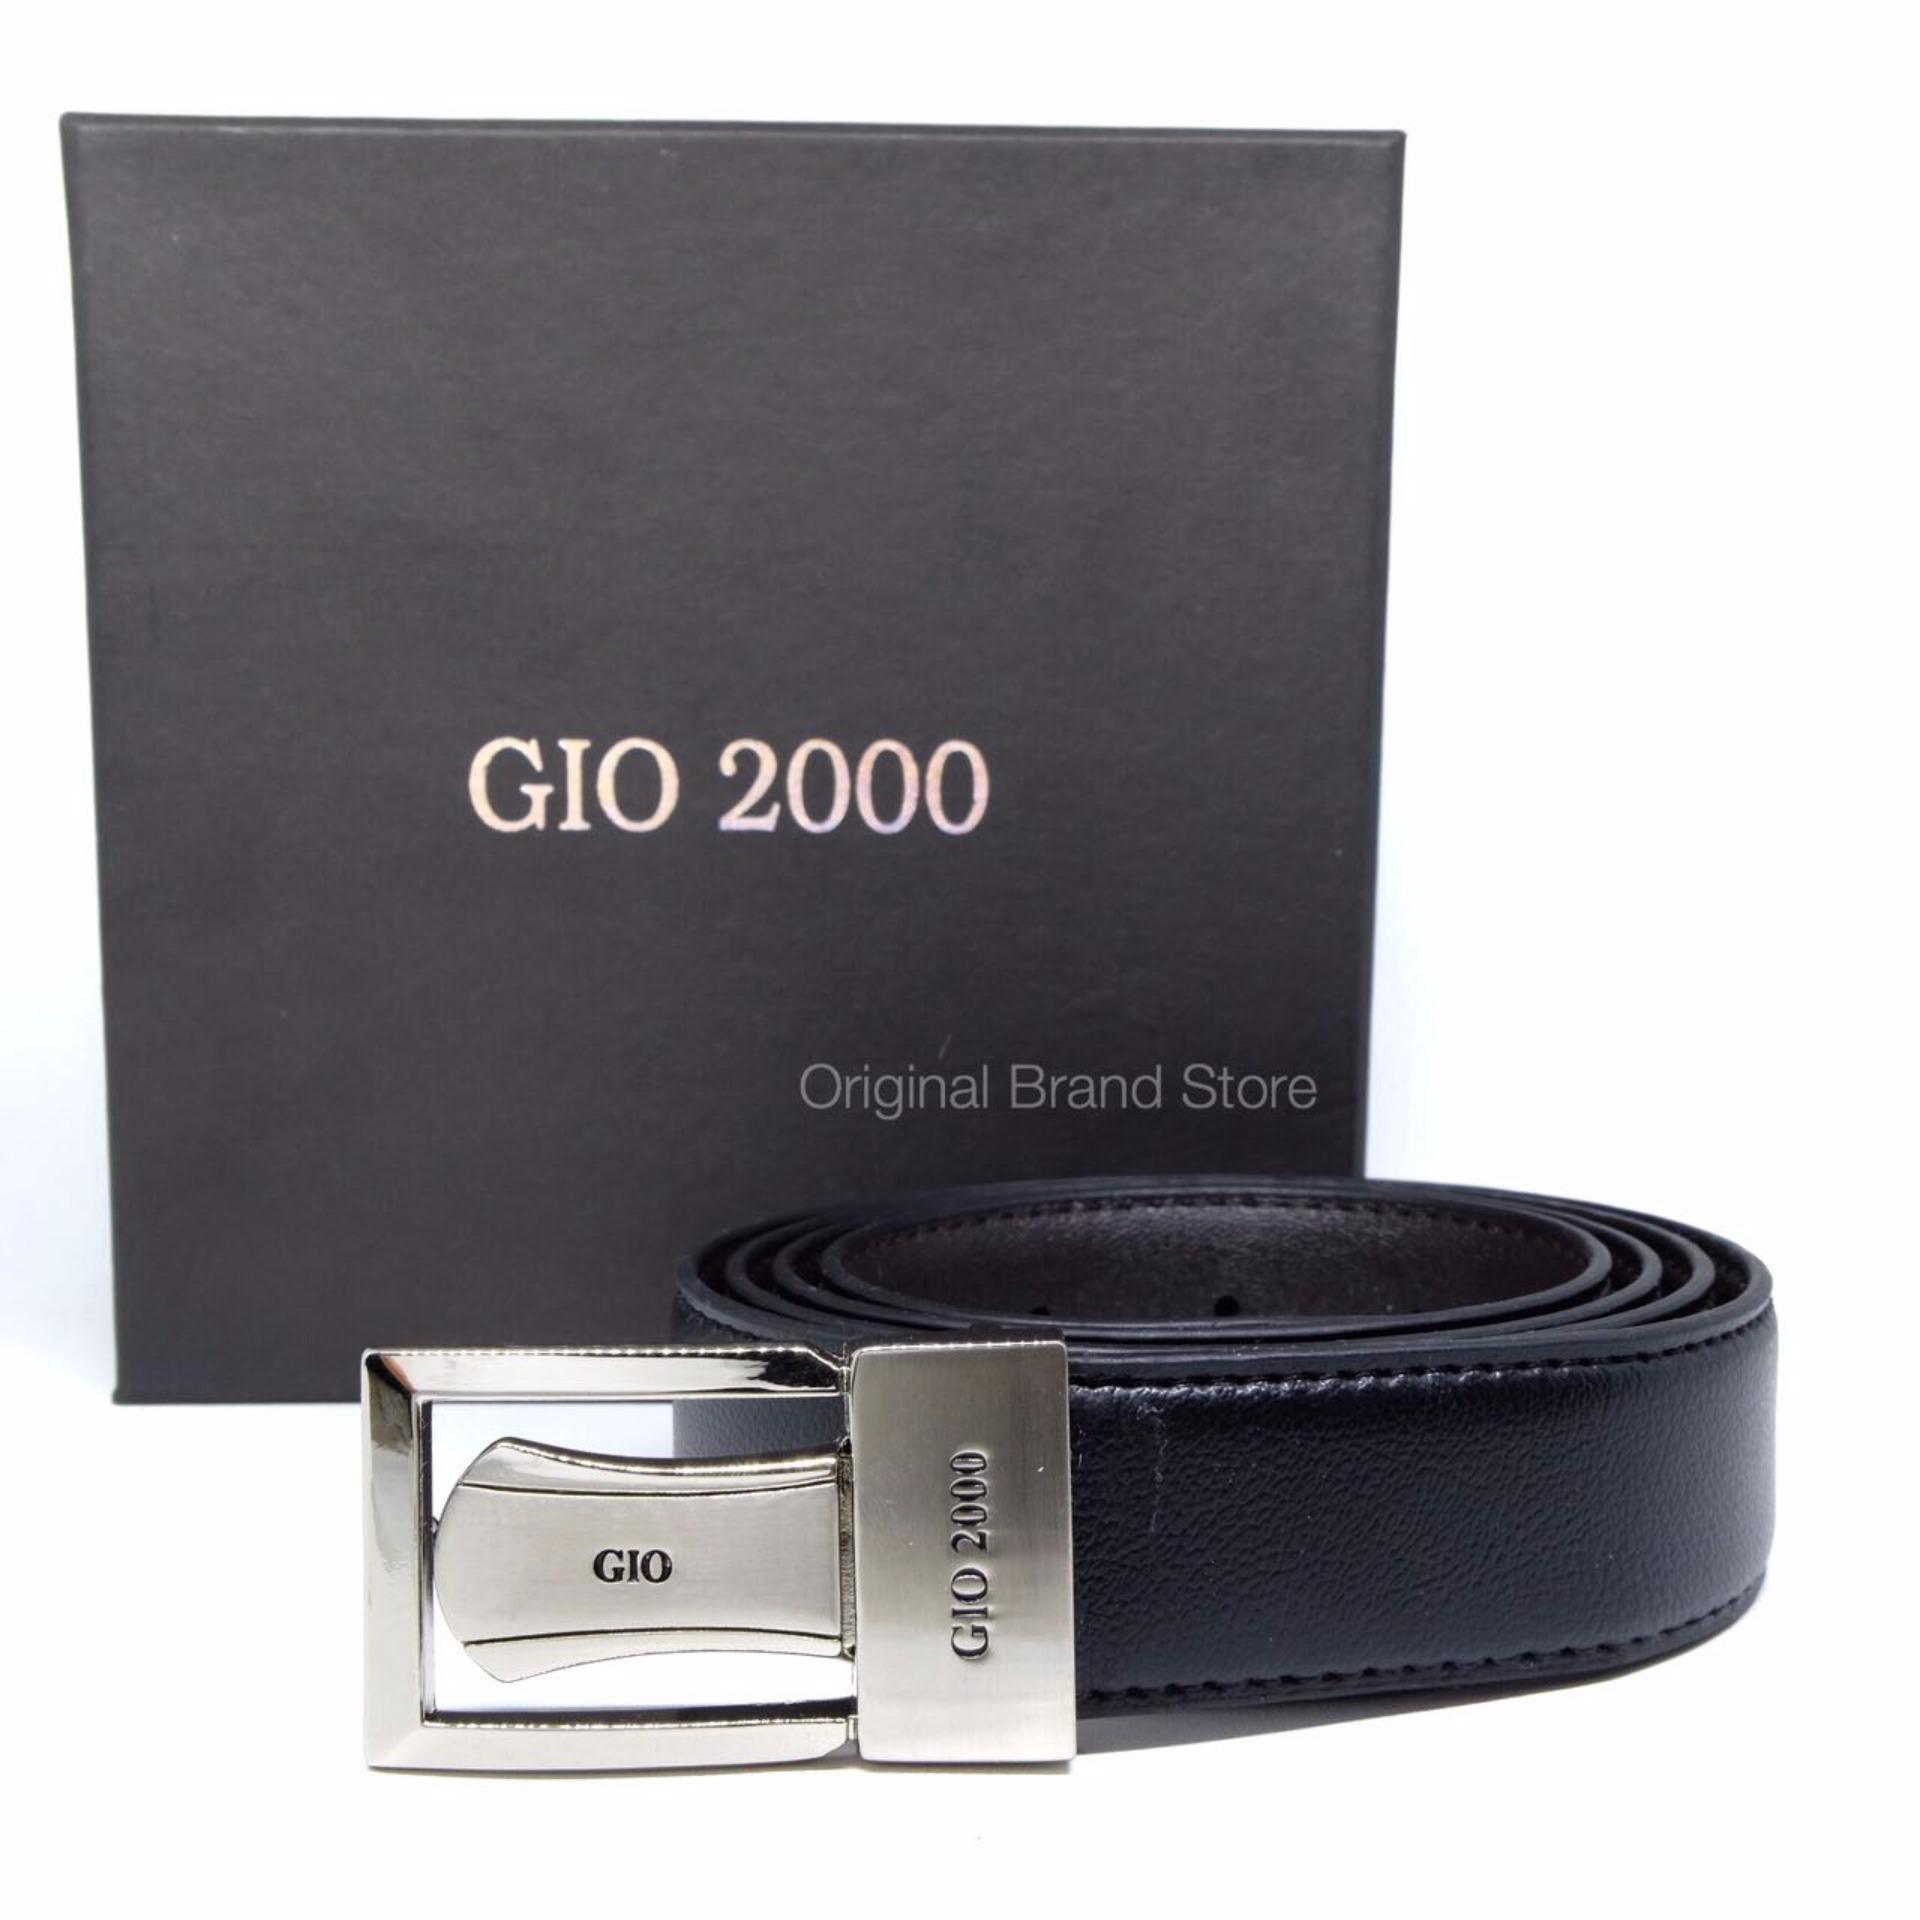 Gesper Sabuk Ikat Pinggang Kulit Asli Pria Cowo Original Gio 2000G546 Black .